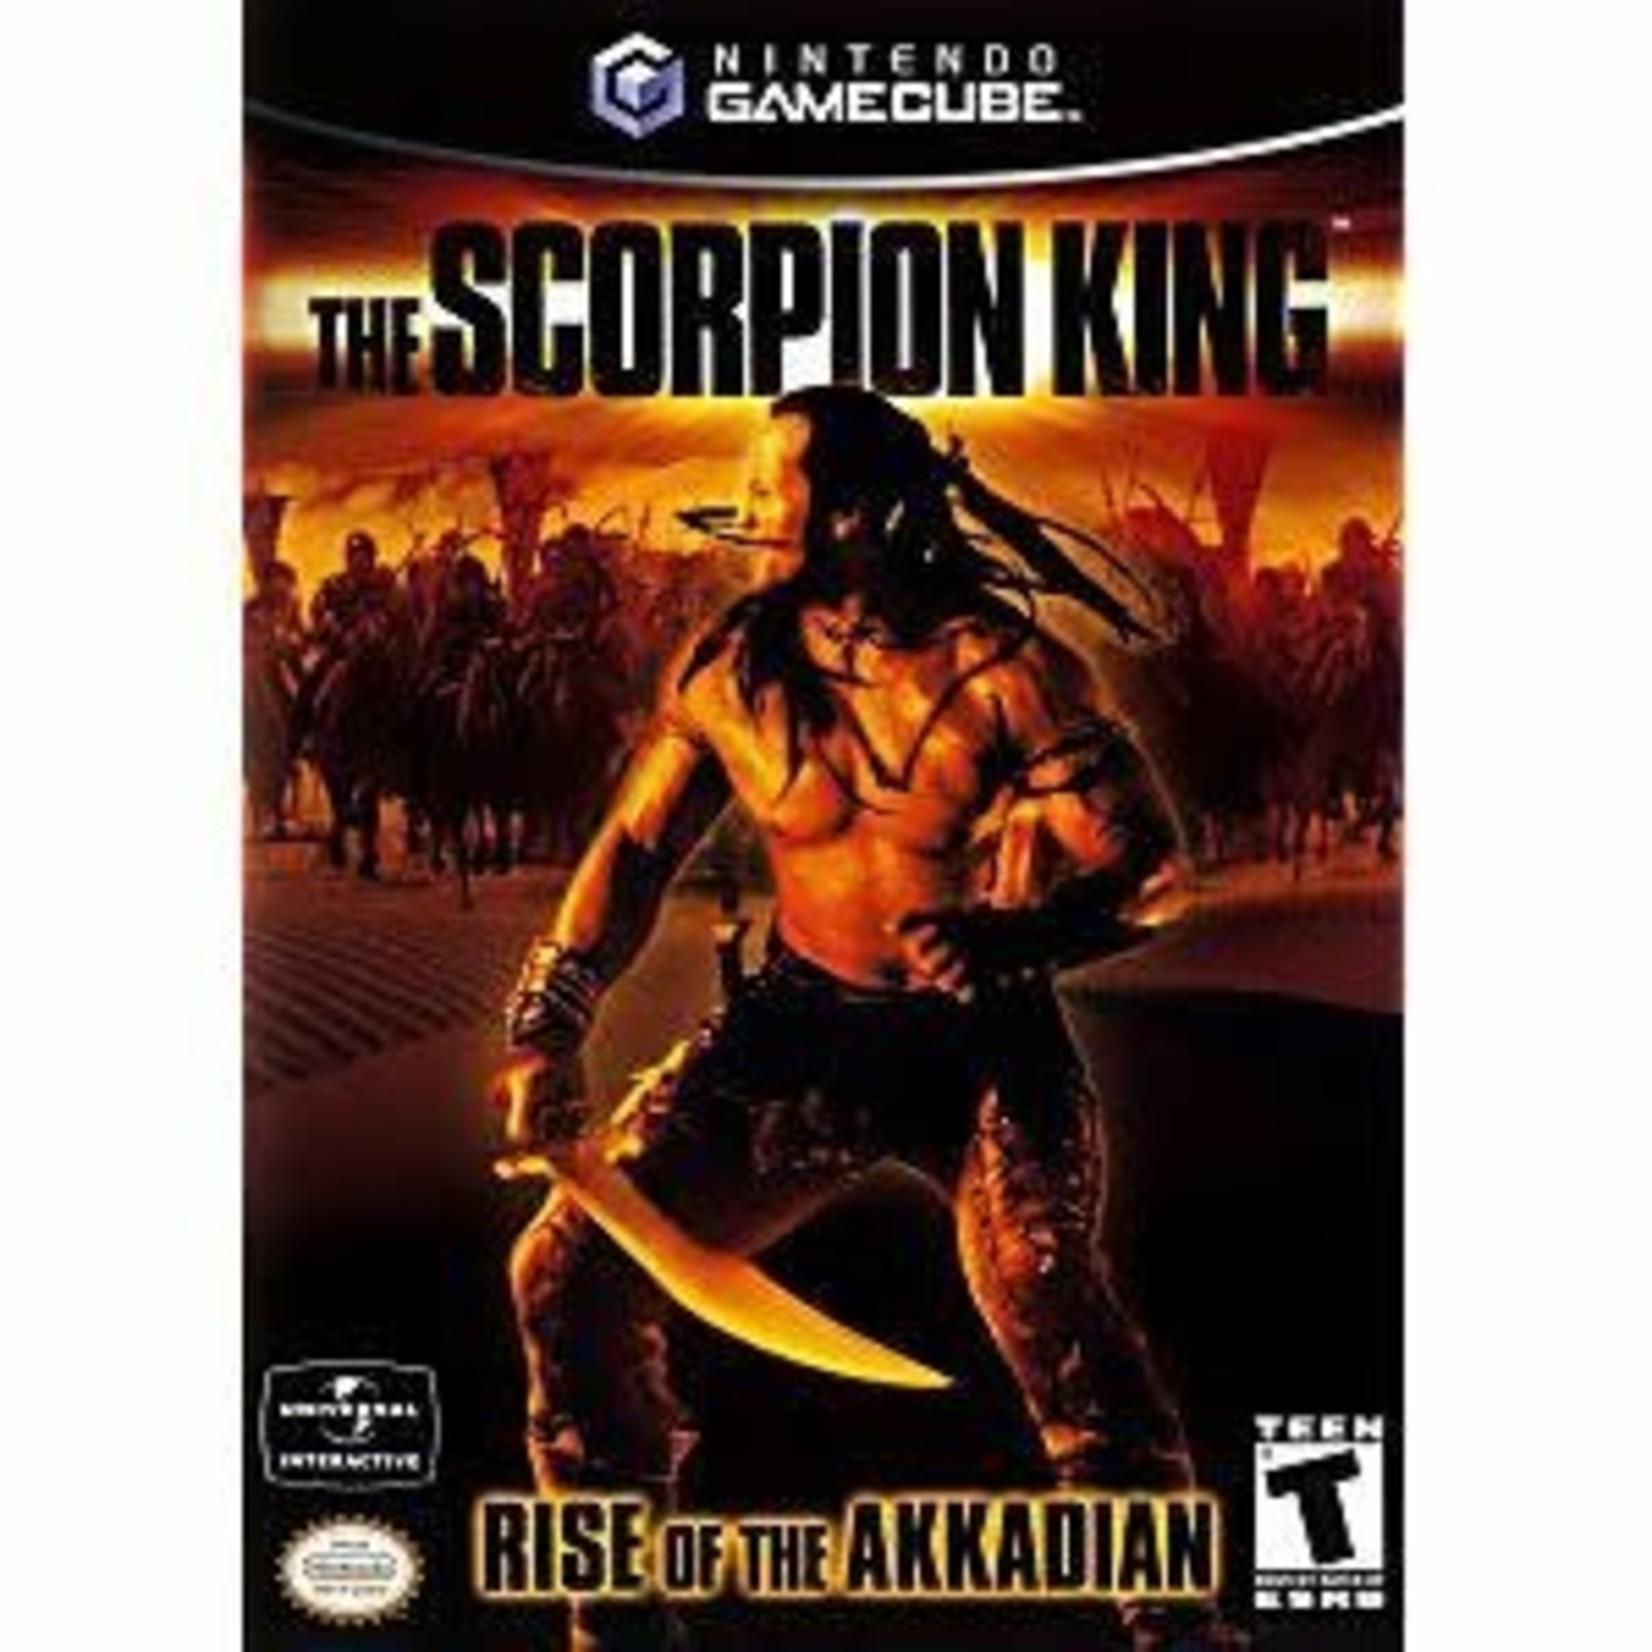 GCU-SCORPION KING RISE OF AKKADIAN